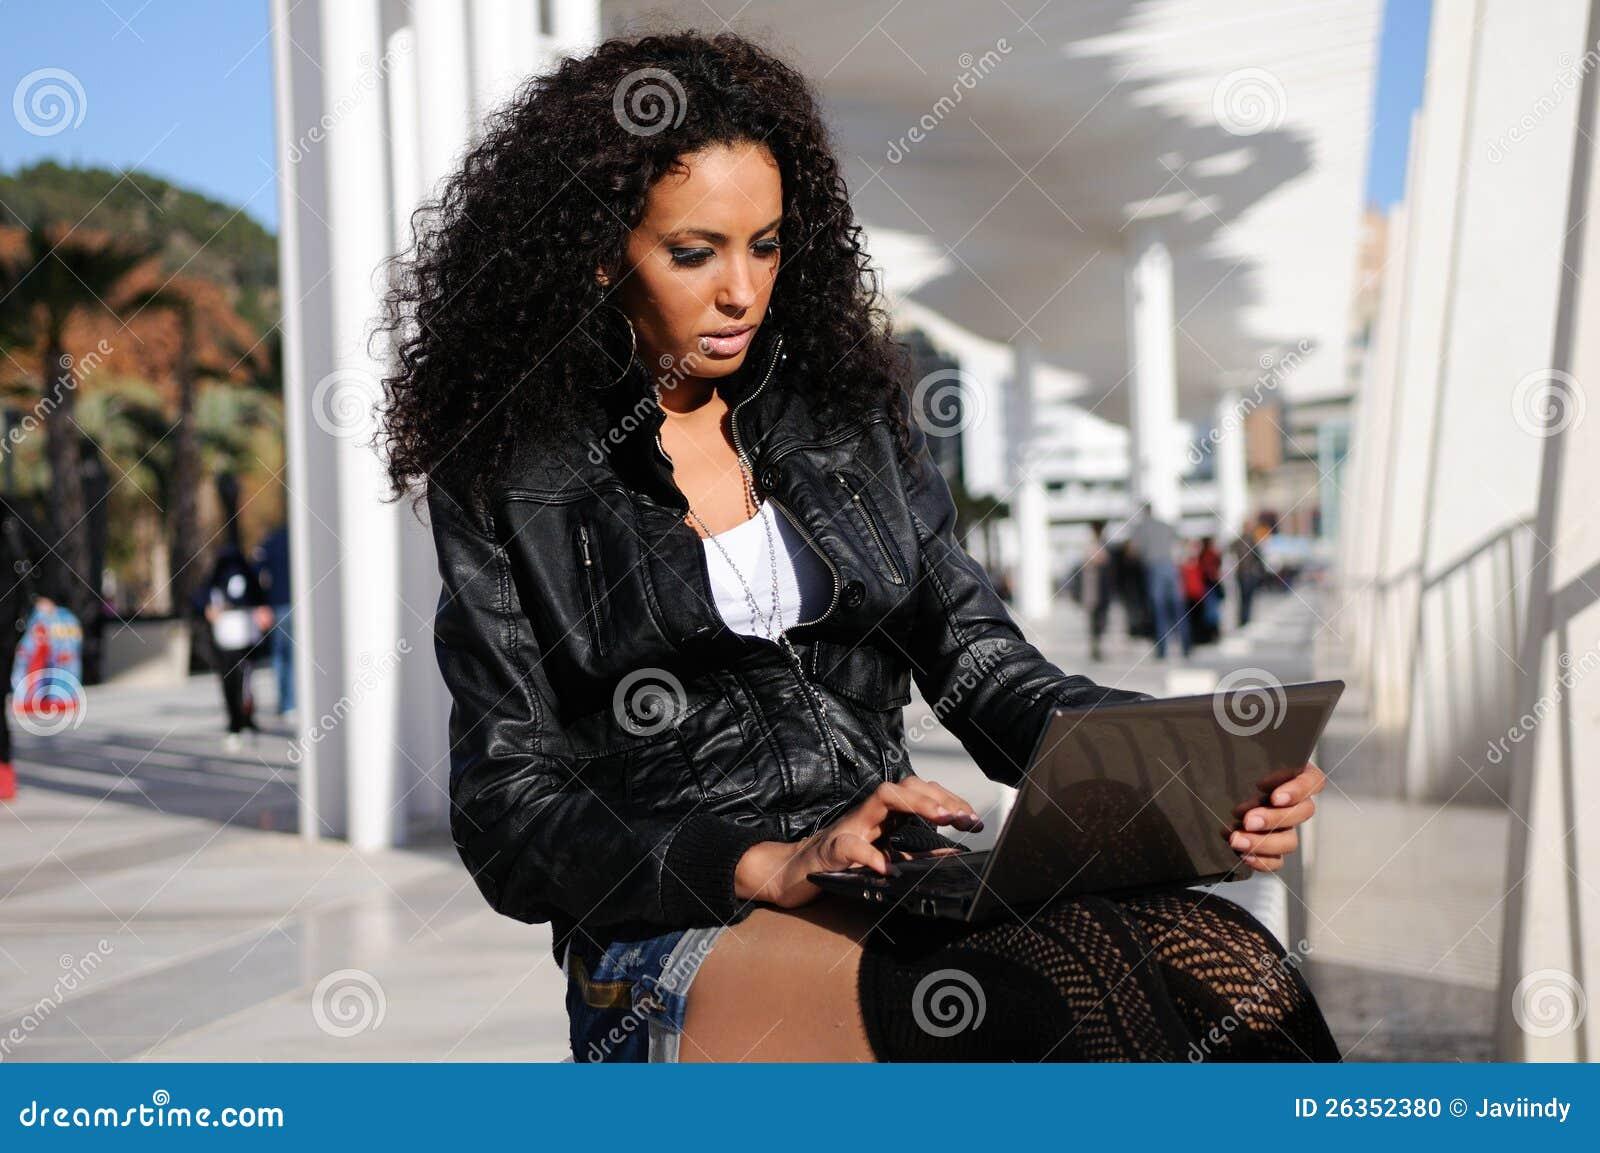 Afrikanisches Mädchen, das einen Laptop in der Straße verwendet